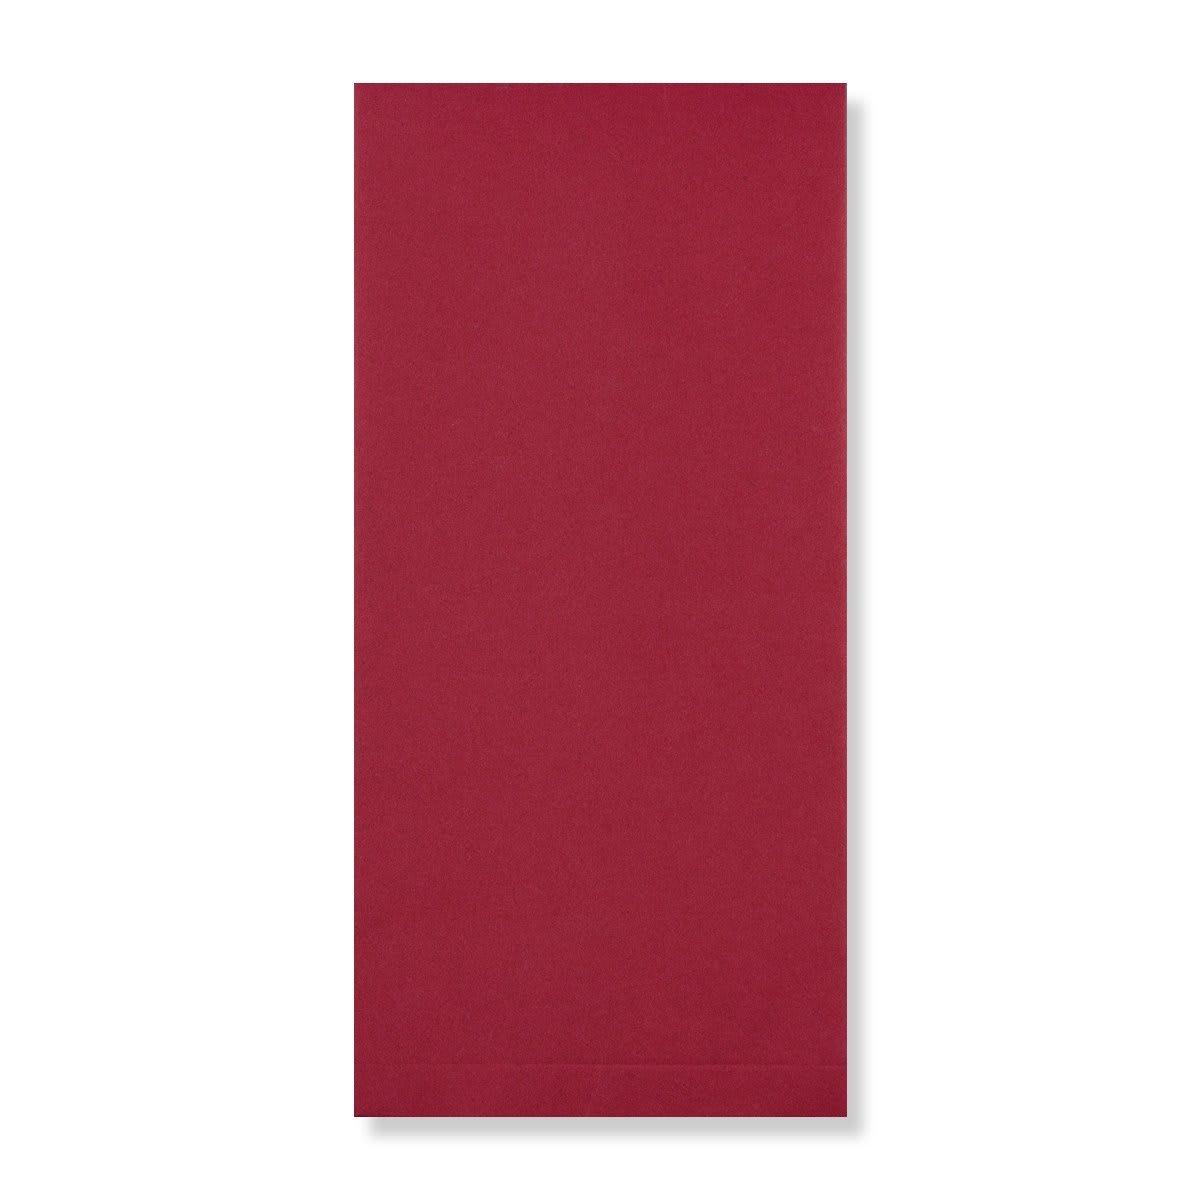 DL RED GUSSET STRING & WASHER ENVELOPES 180GSM